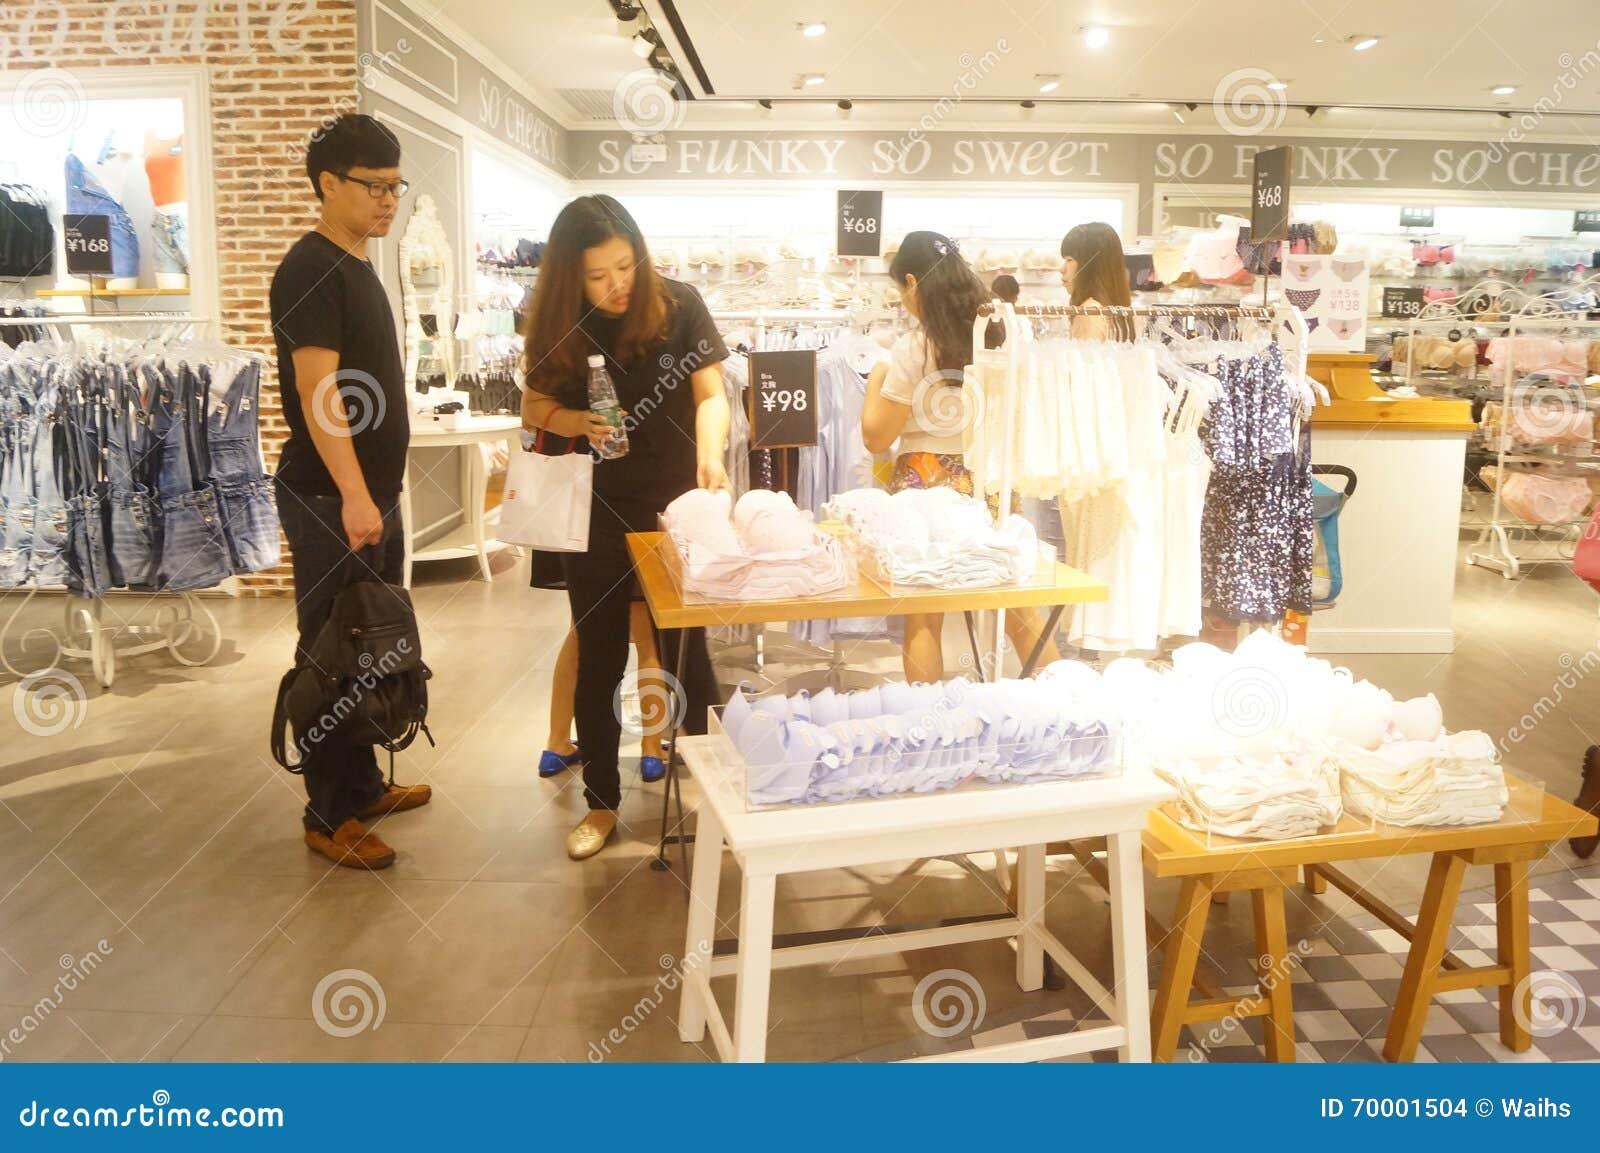 68883447bb Tienda De Las Ventas De La Ropa Interior De Las Mujeres Imagen de ...